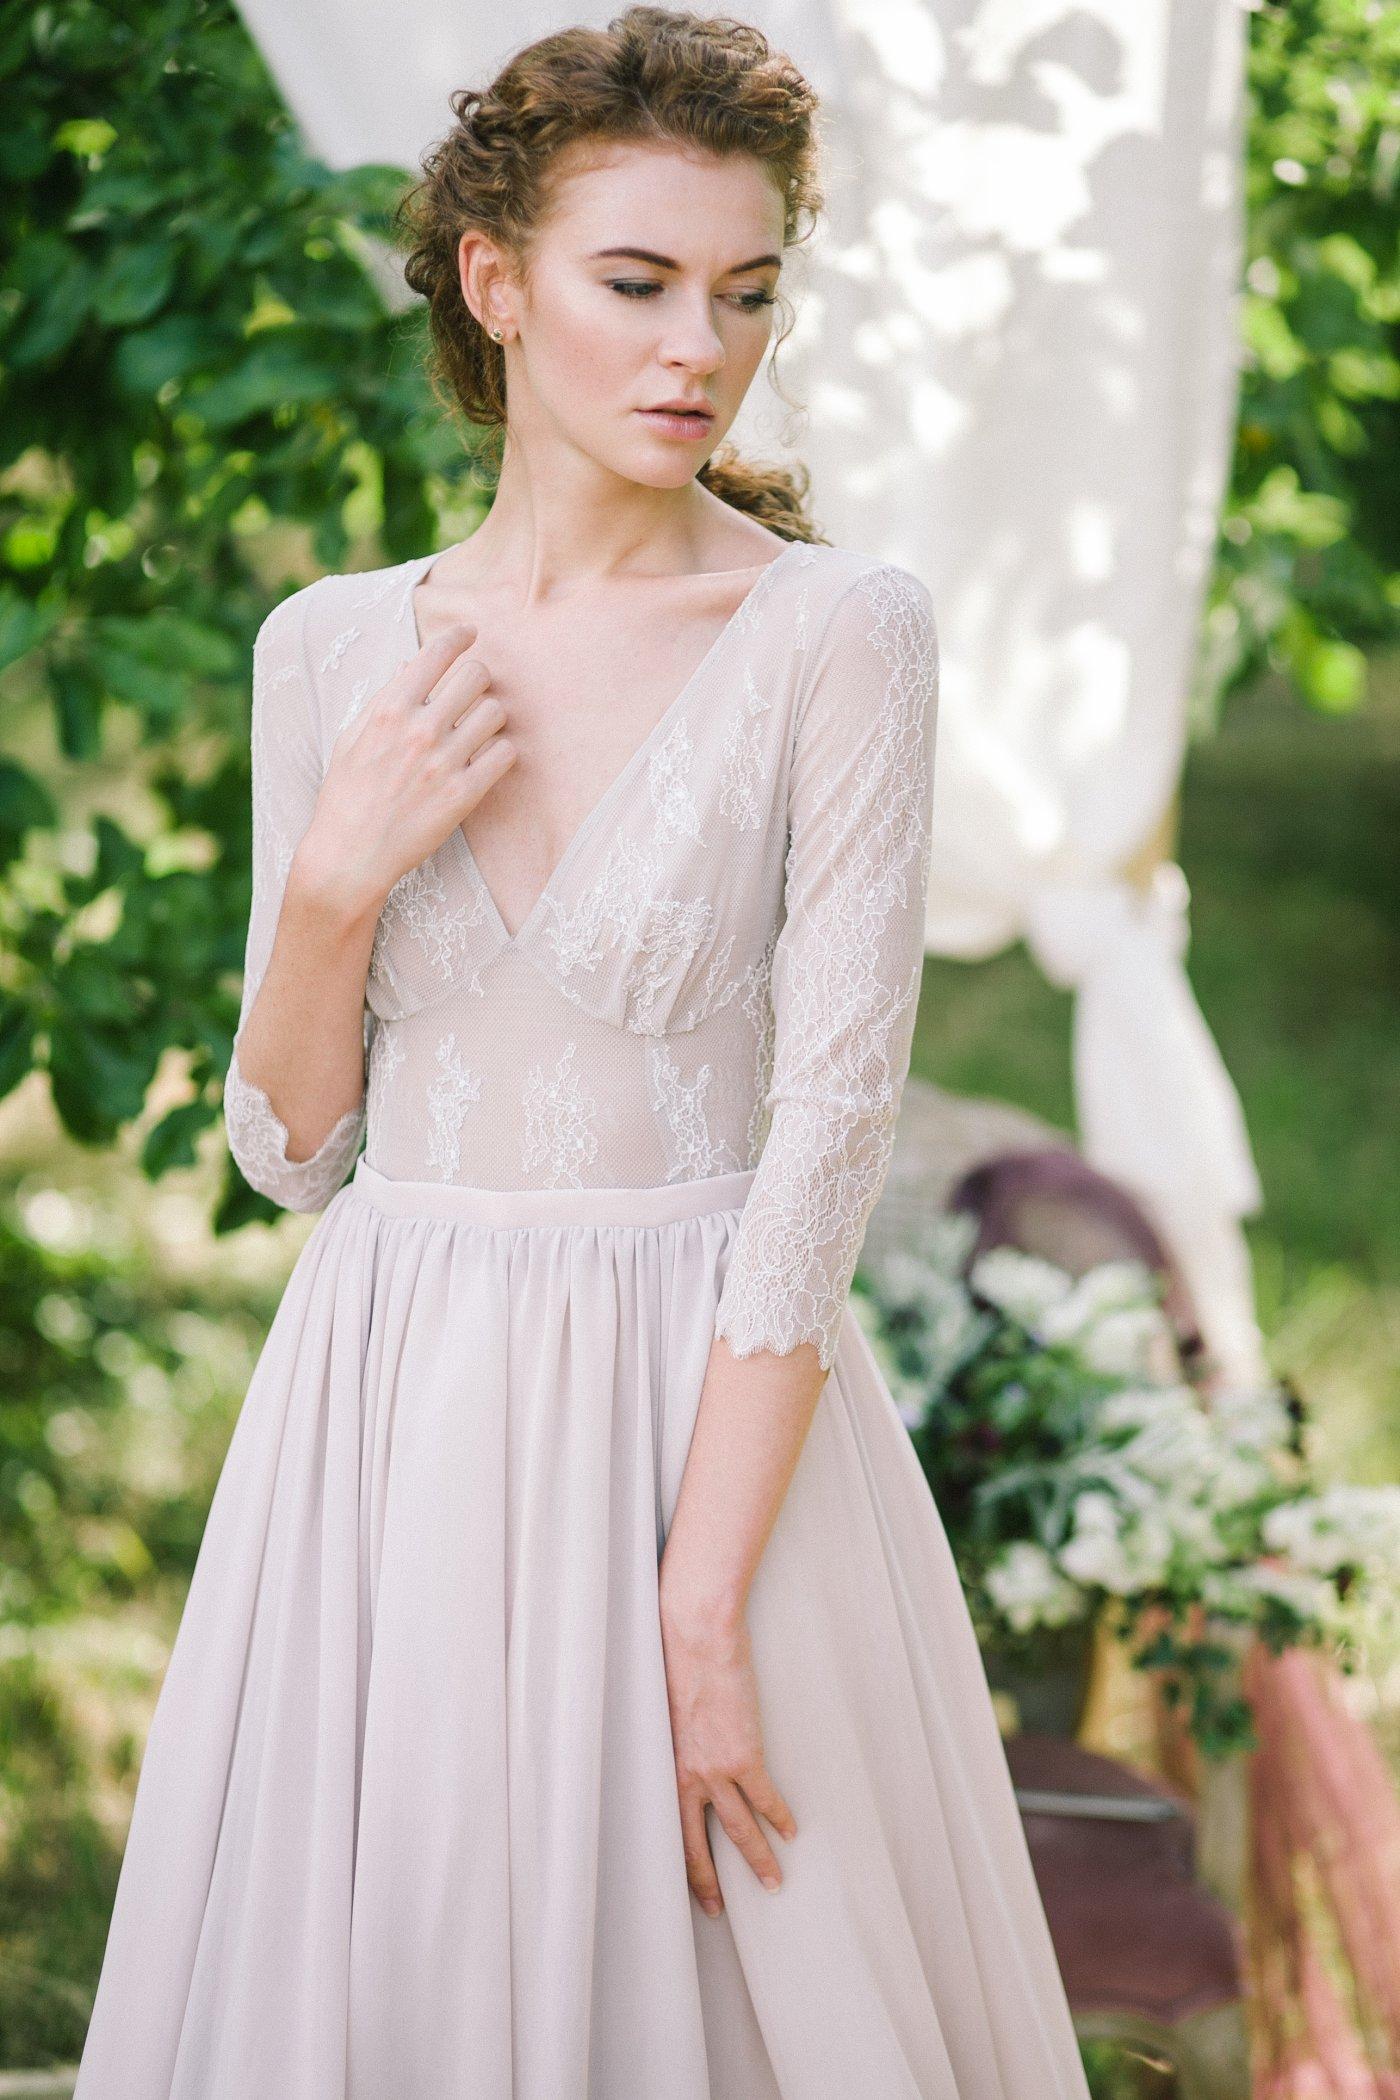 Non corset a silhouette lavender wedding dress with a lace bodice lavender wedding dress with a lace bodice junglespirit Gallery